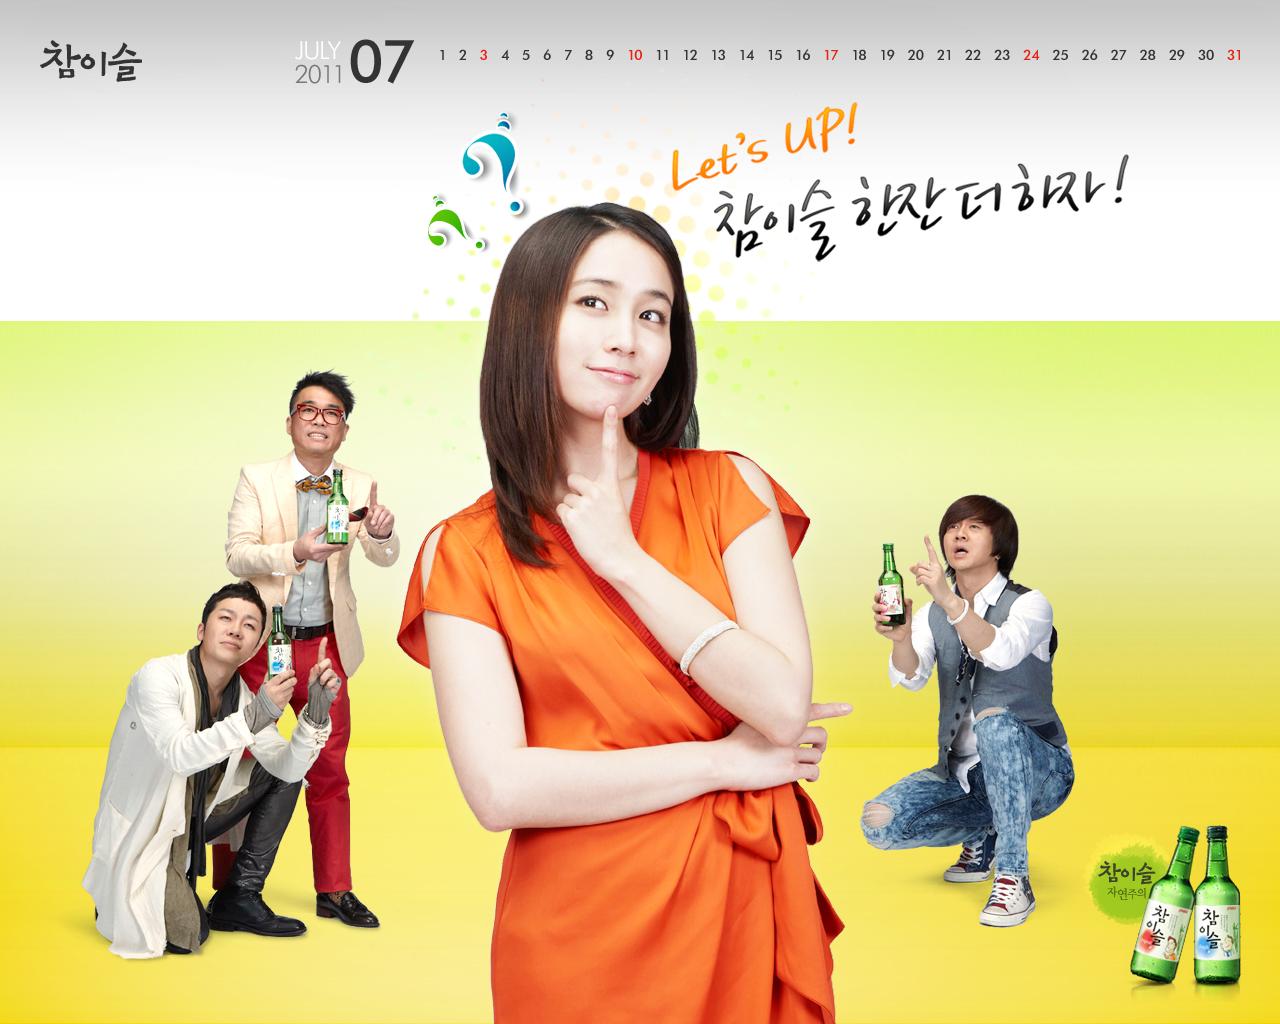 http://4.bp.blogspot.com/-1MbP2U-xLSw/Trnb7YAxrDI/AAAAAAAAAfA/FBDzqp-bKvE/s1600/cham_wallpaper_201107_1280_1024.jpg